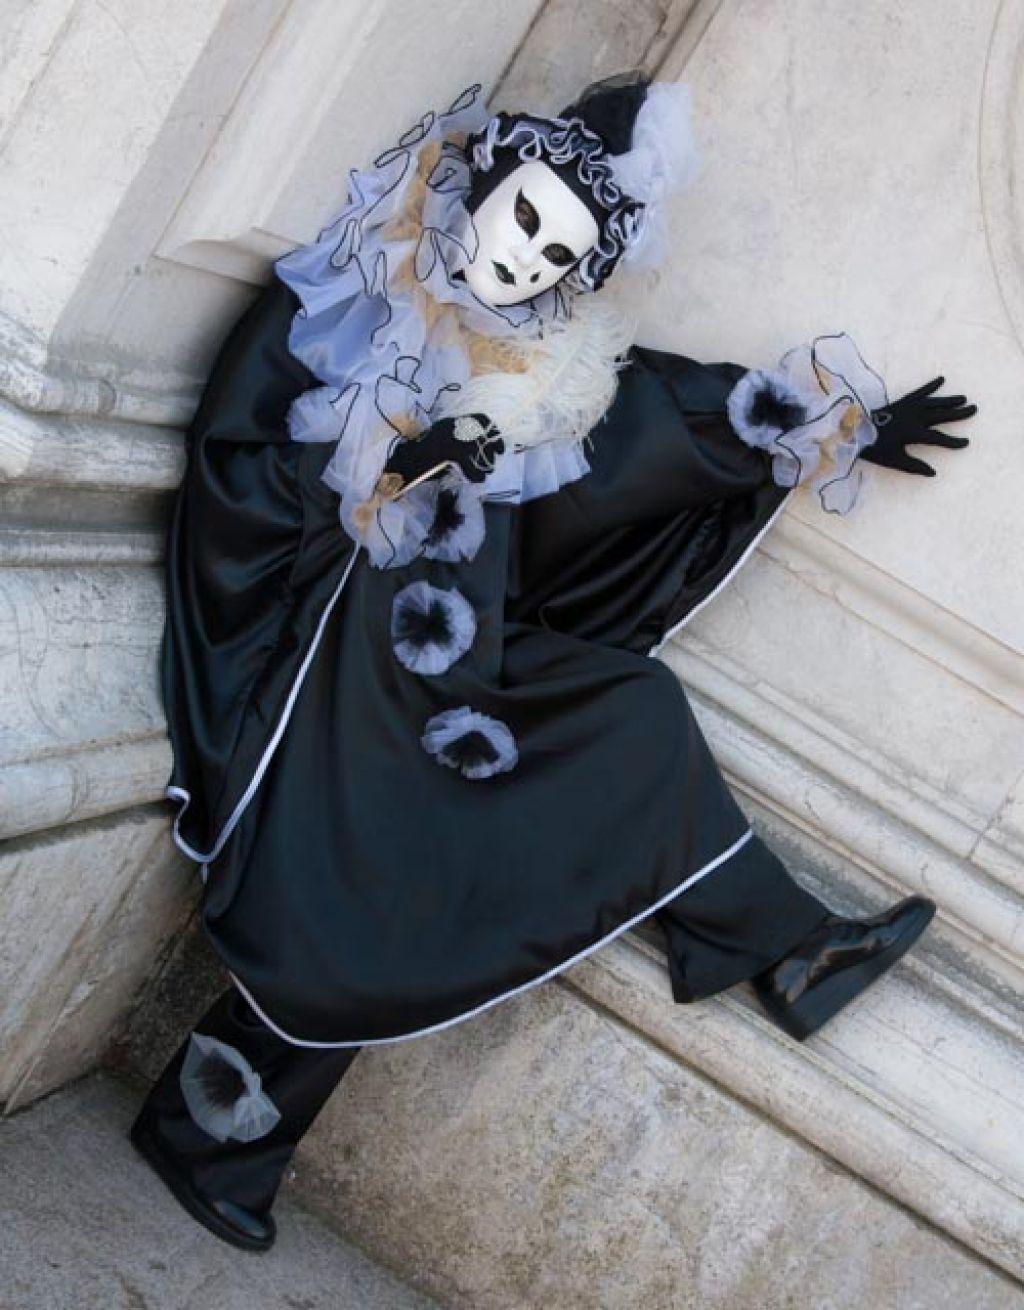 venice carnival1 Carnival Costumes at Santa Maria della Salute